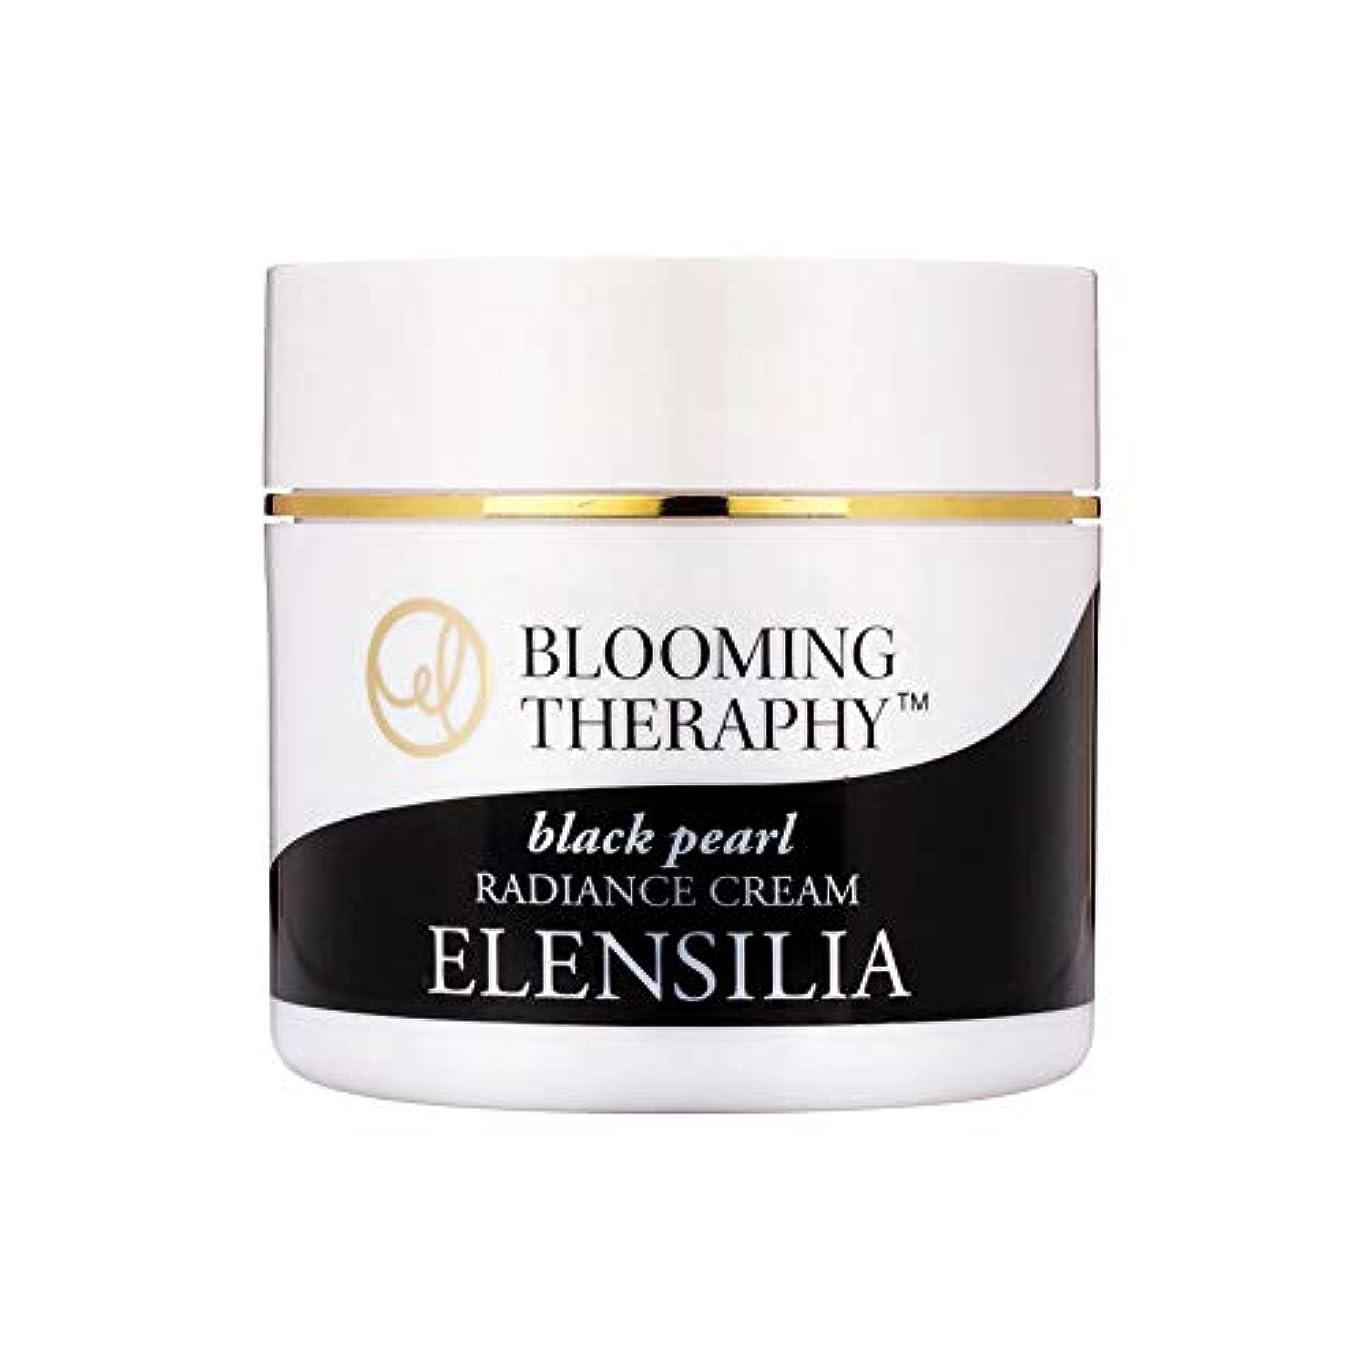 事前全体に証明エルレンシルラElensilia 韓国コスメ ブルーミングセラピー黒真珠ラディアンスクリーム50g 海外直送品 Blooming Theraphy Black Pearl Radiance Cream [並行輸入品]